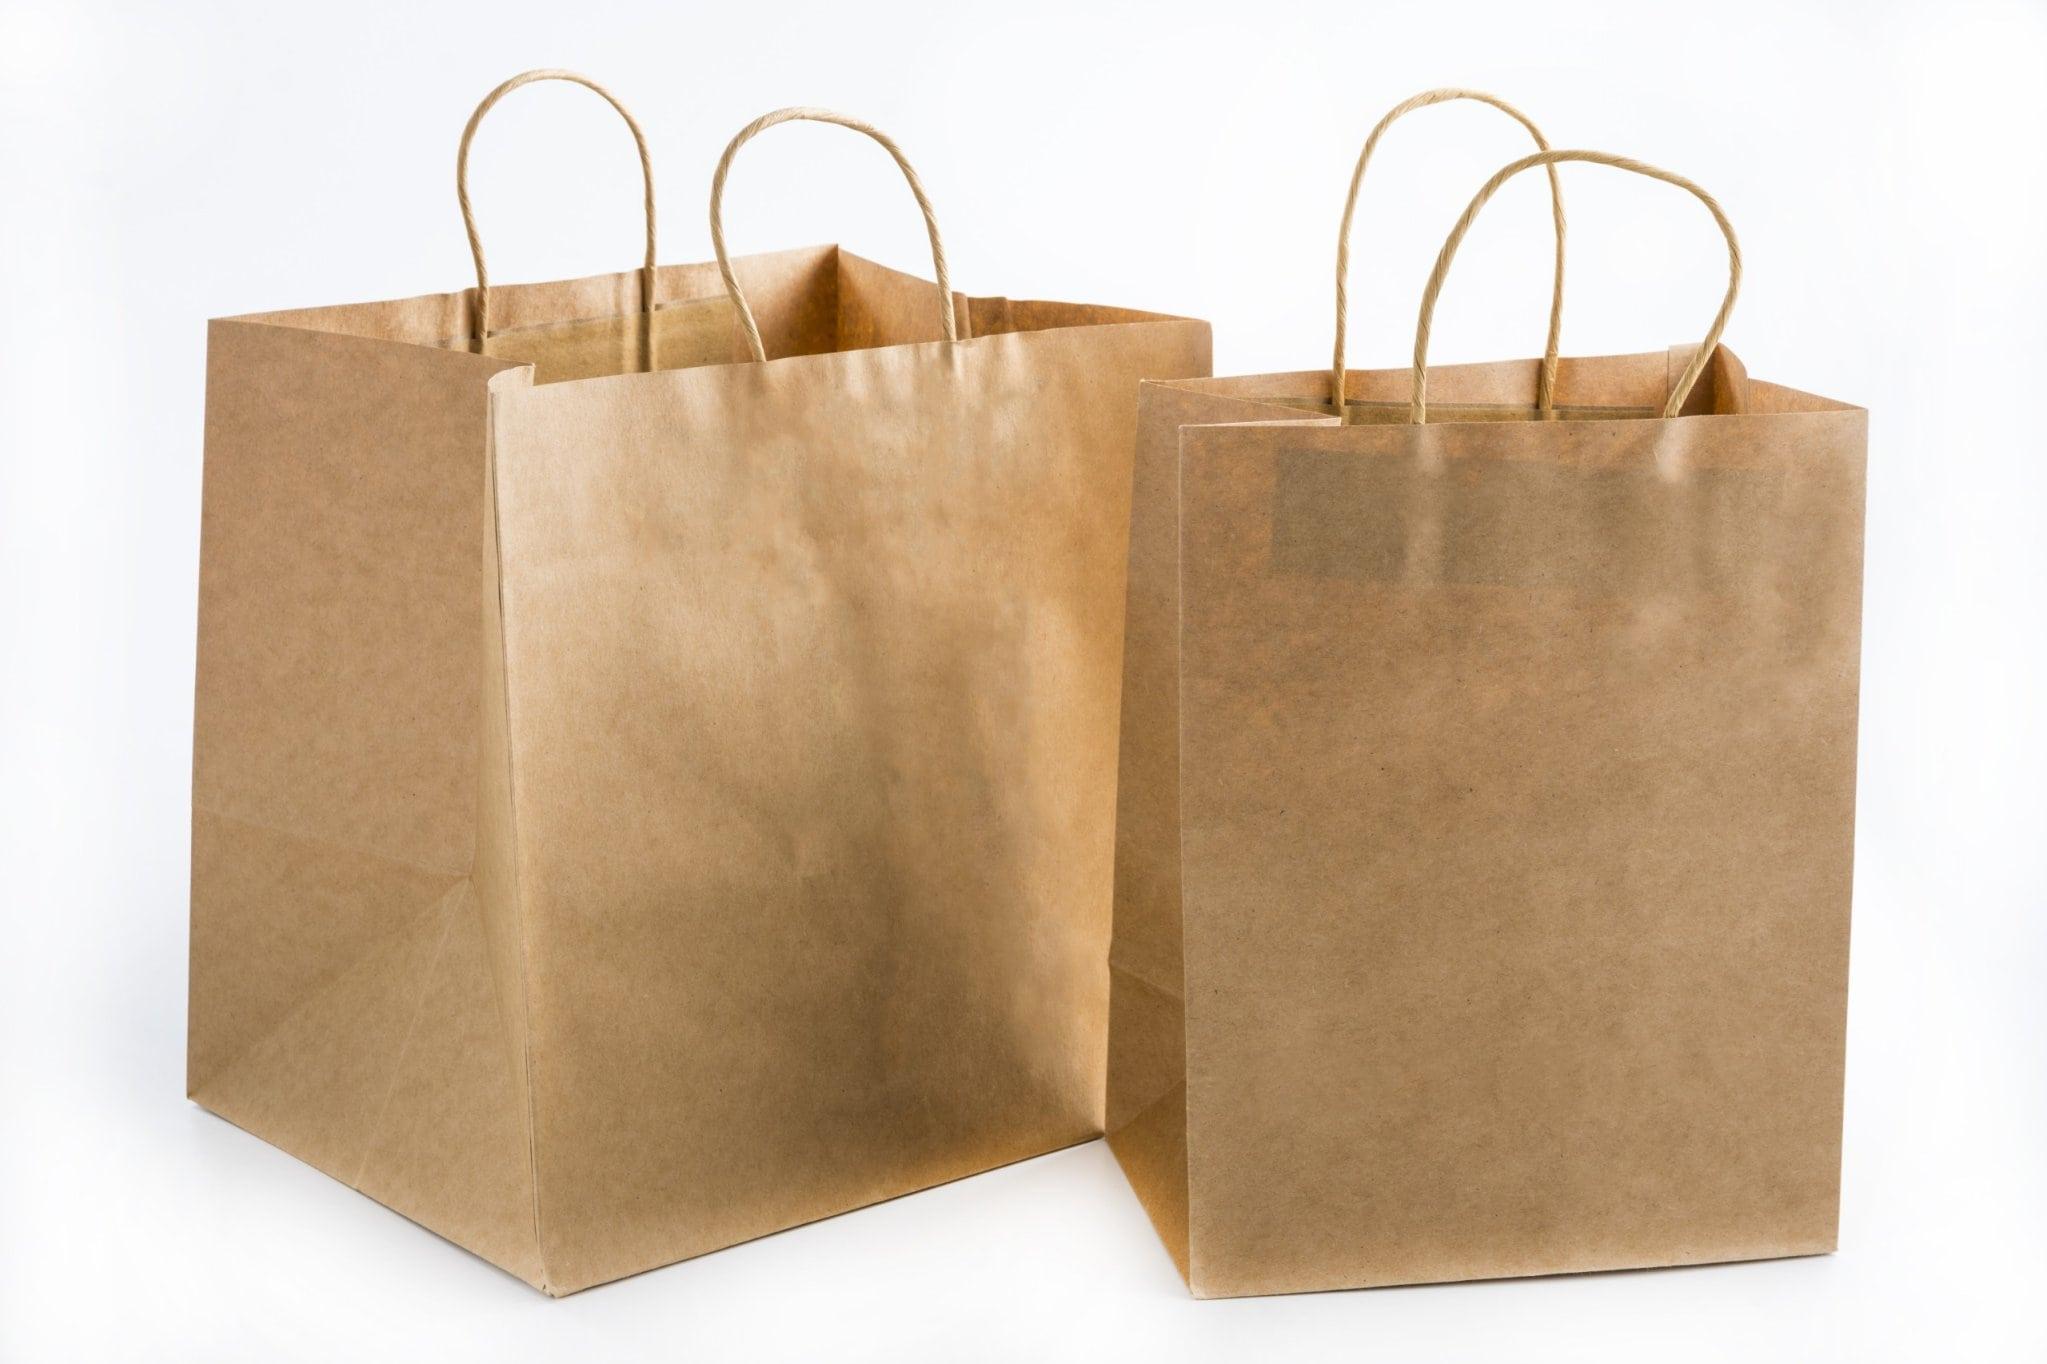 Túi giấy là gì?